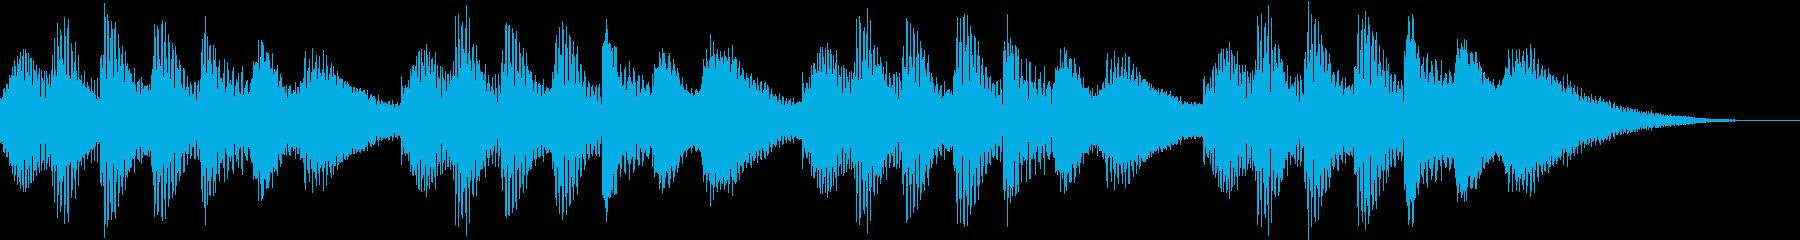 ほのぼのした着信音の再生済みの波形